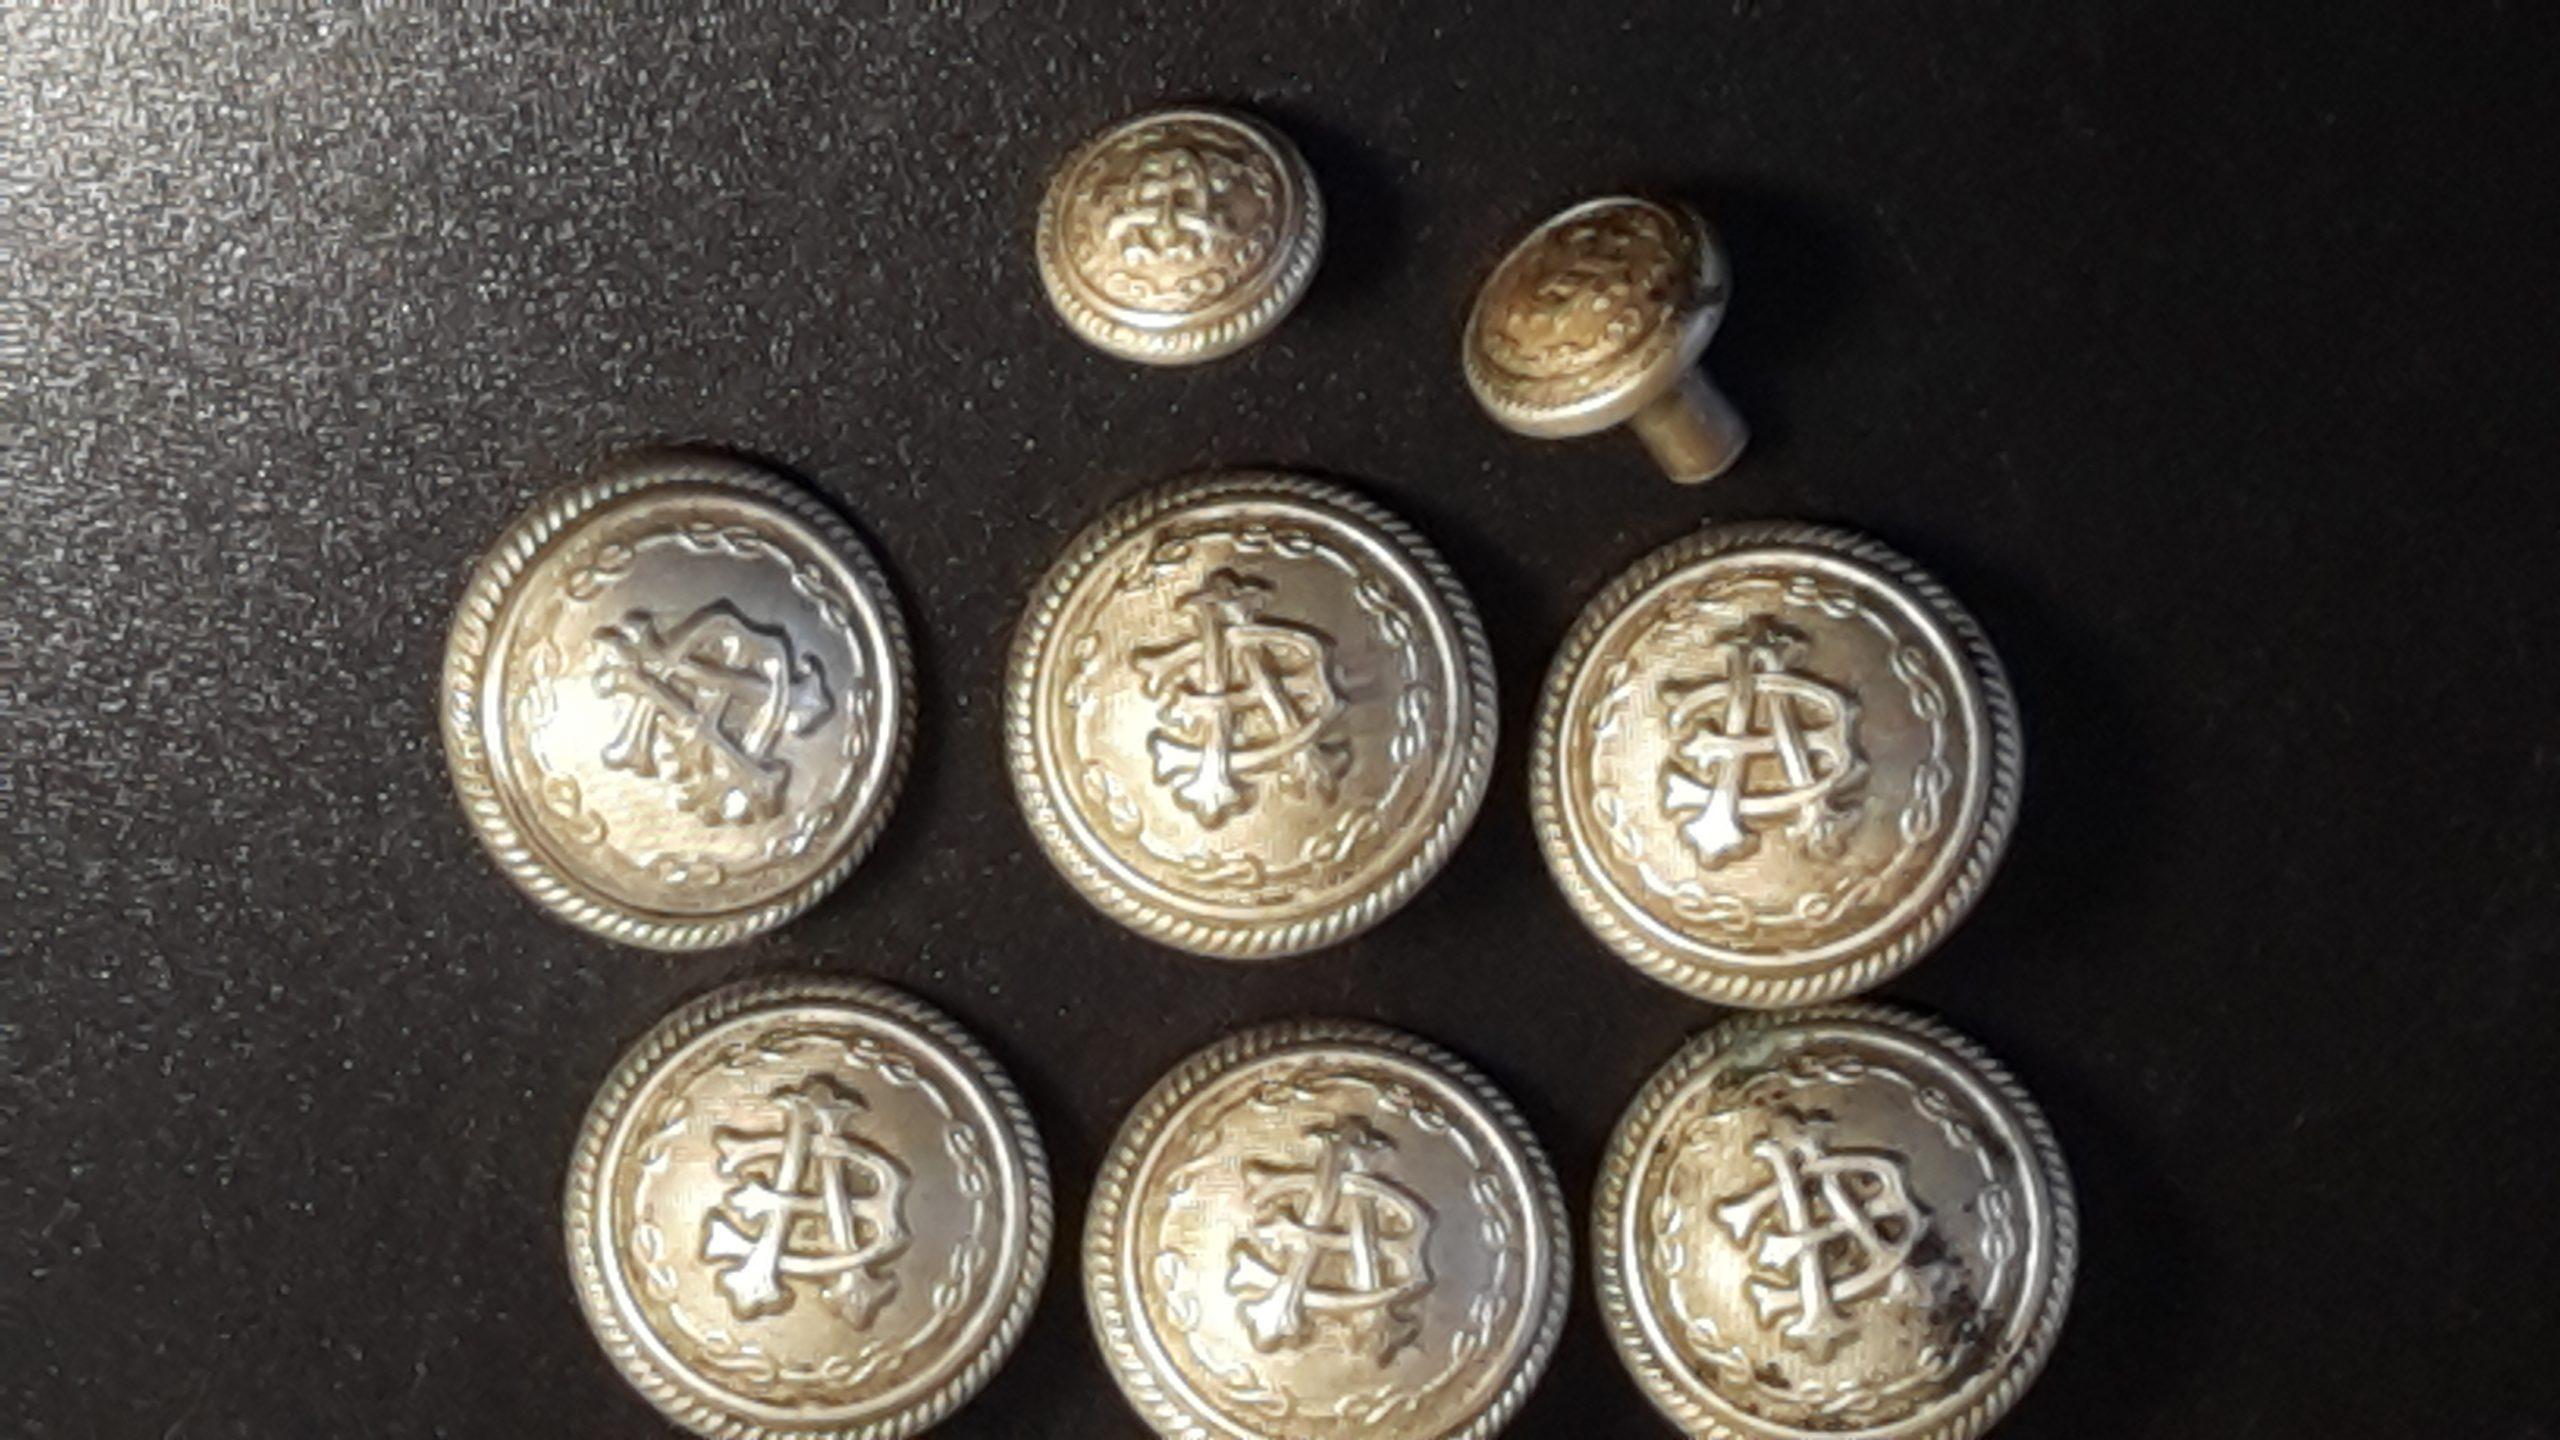 bottone ufficiale carabinieri reali